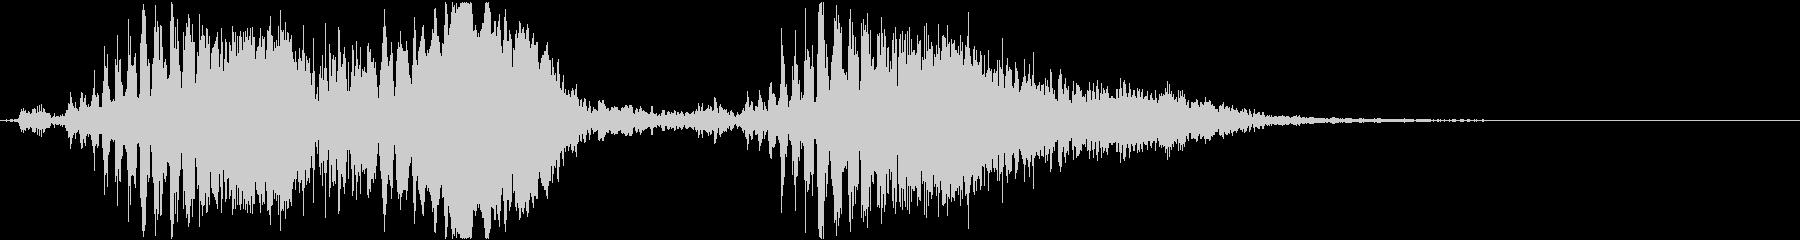 鳴き声04(空飛ぶモンスター系)の未再生の波形